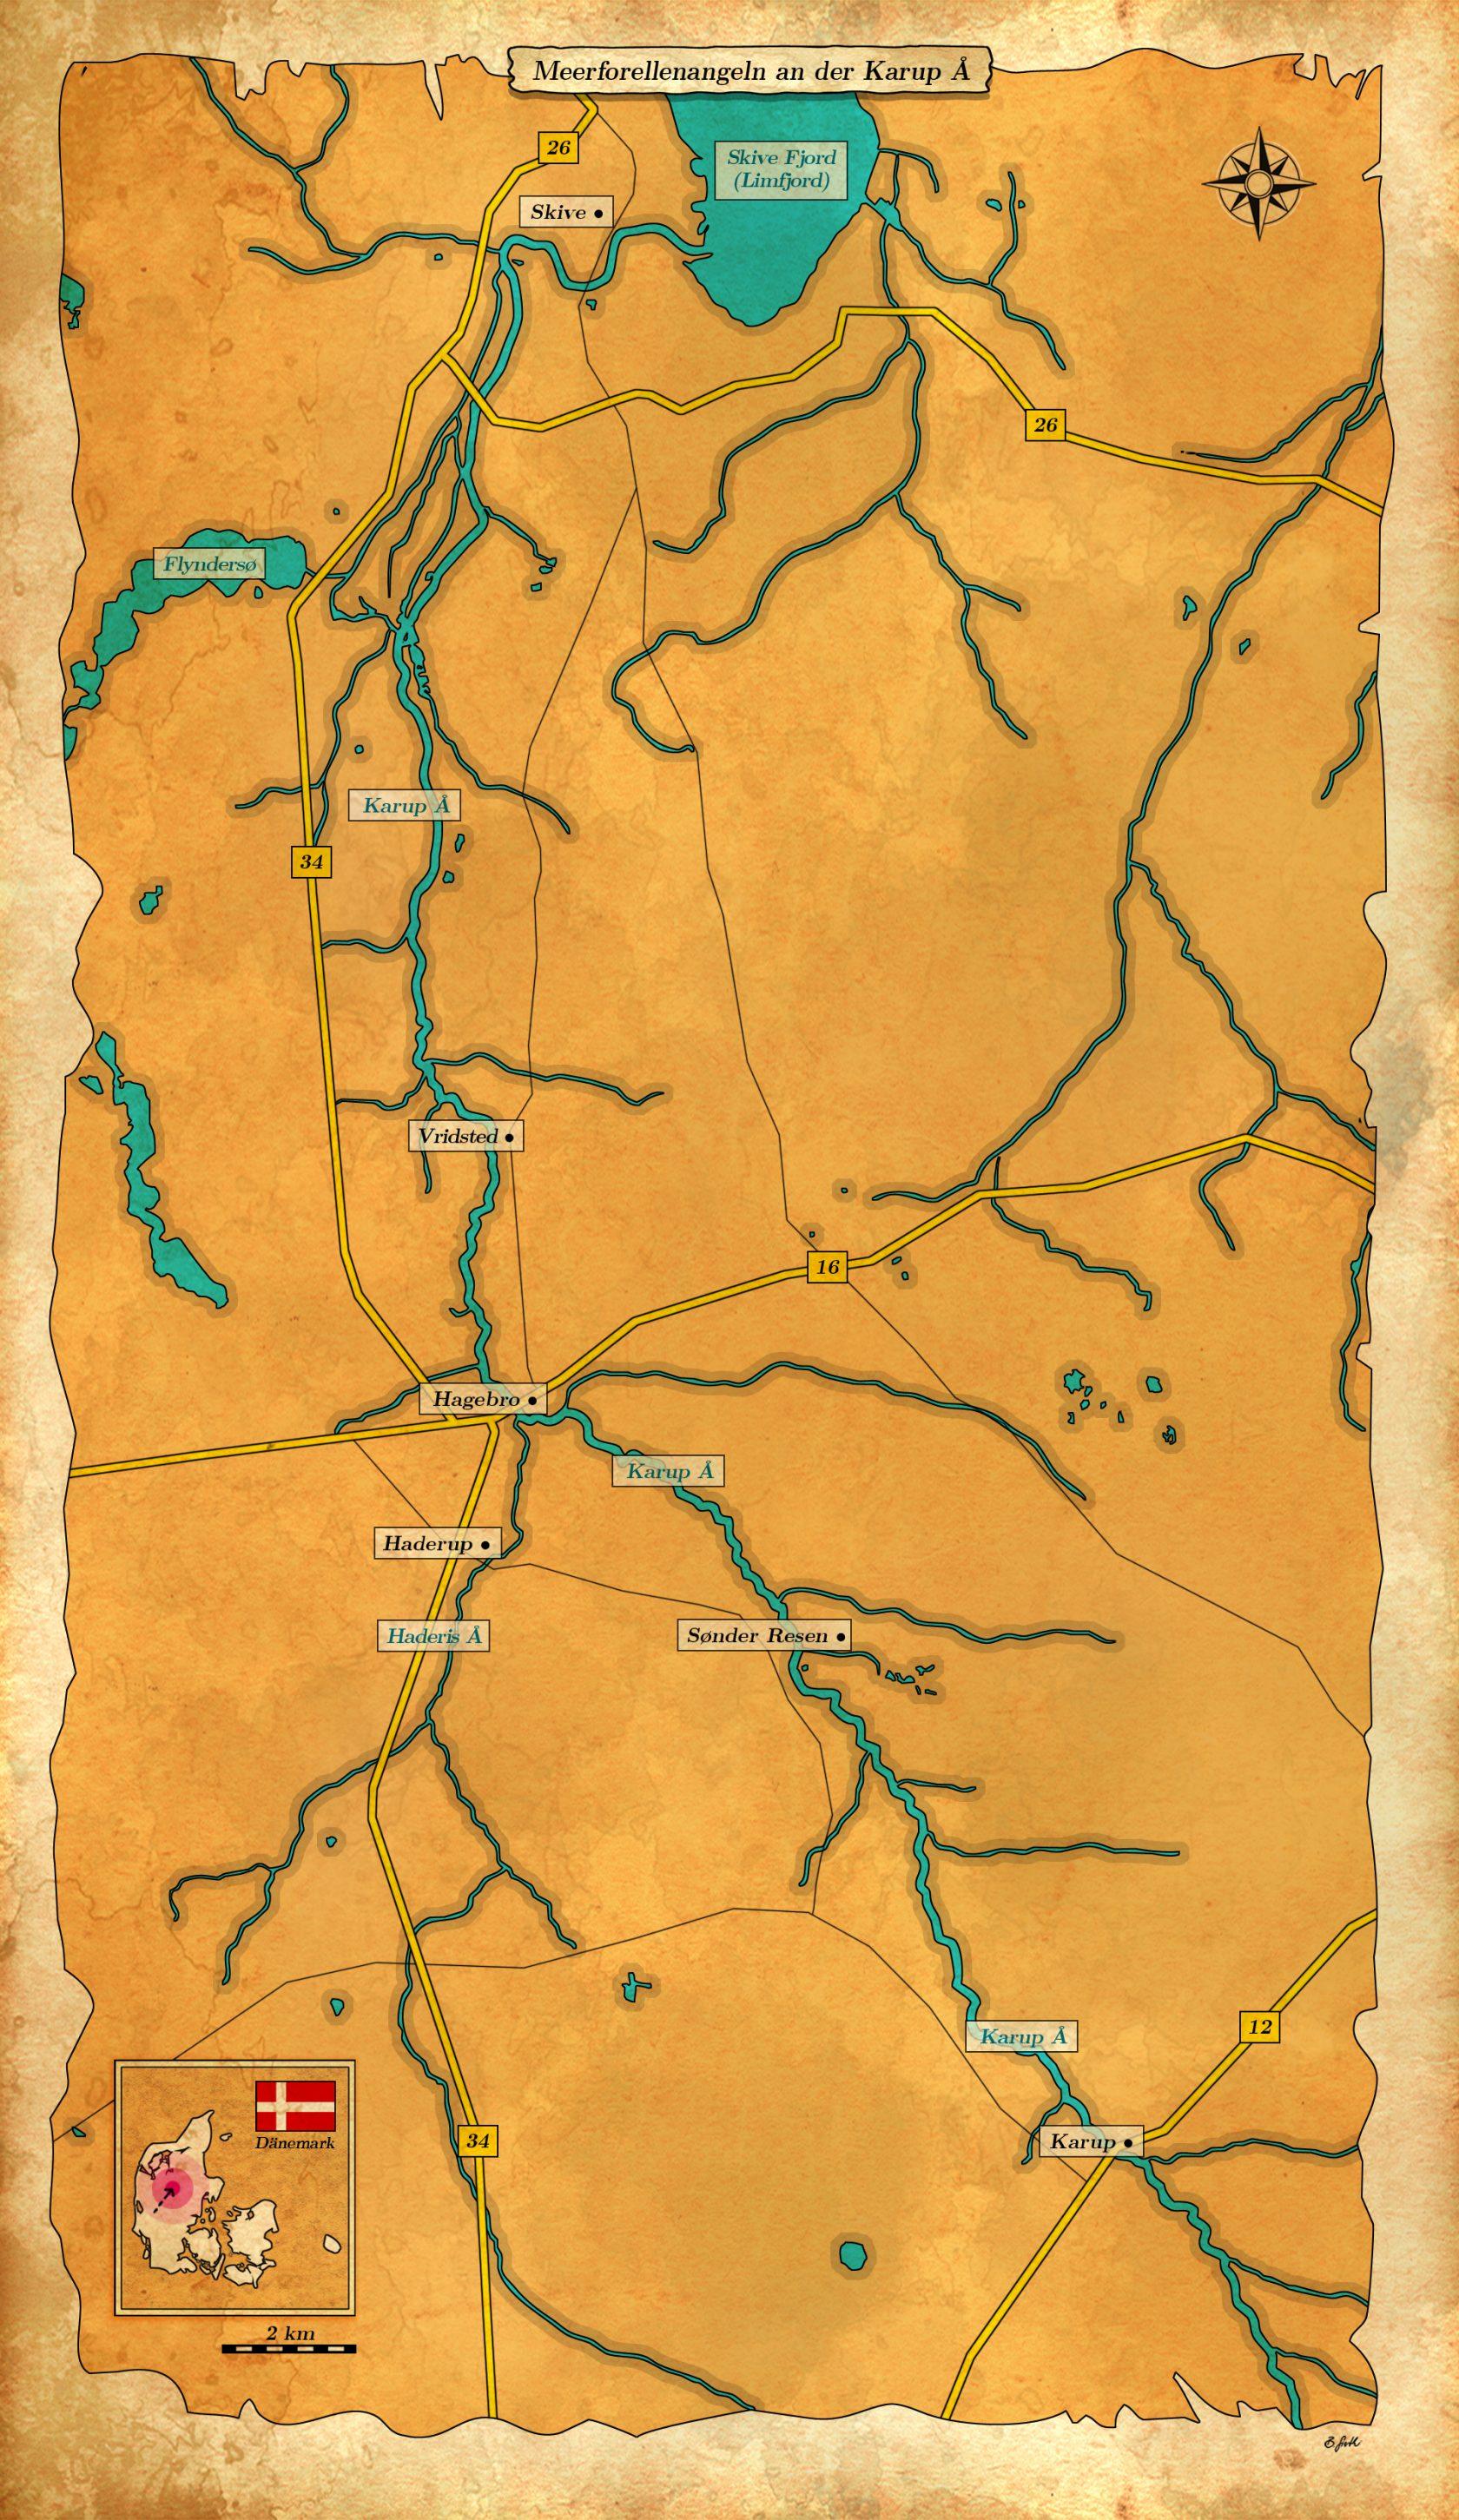 Karte Meerforellenangeln in der Karup Å